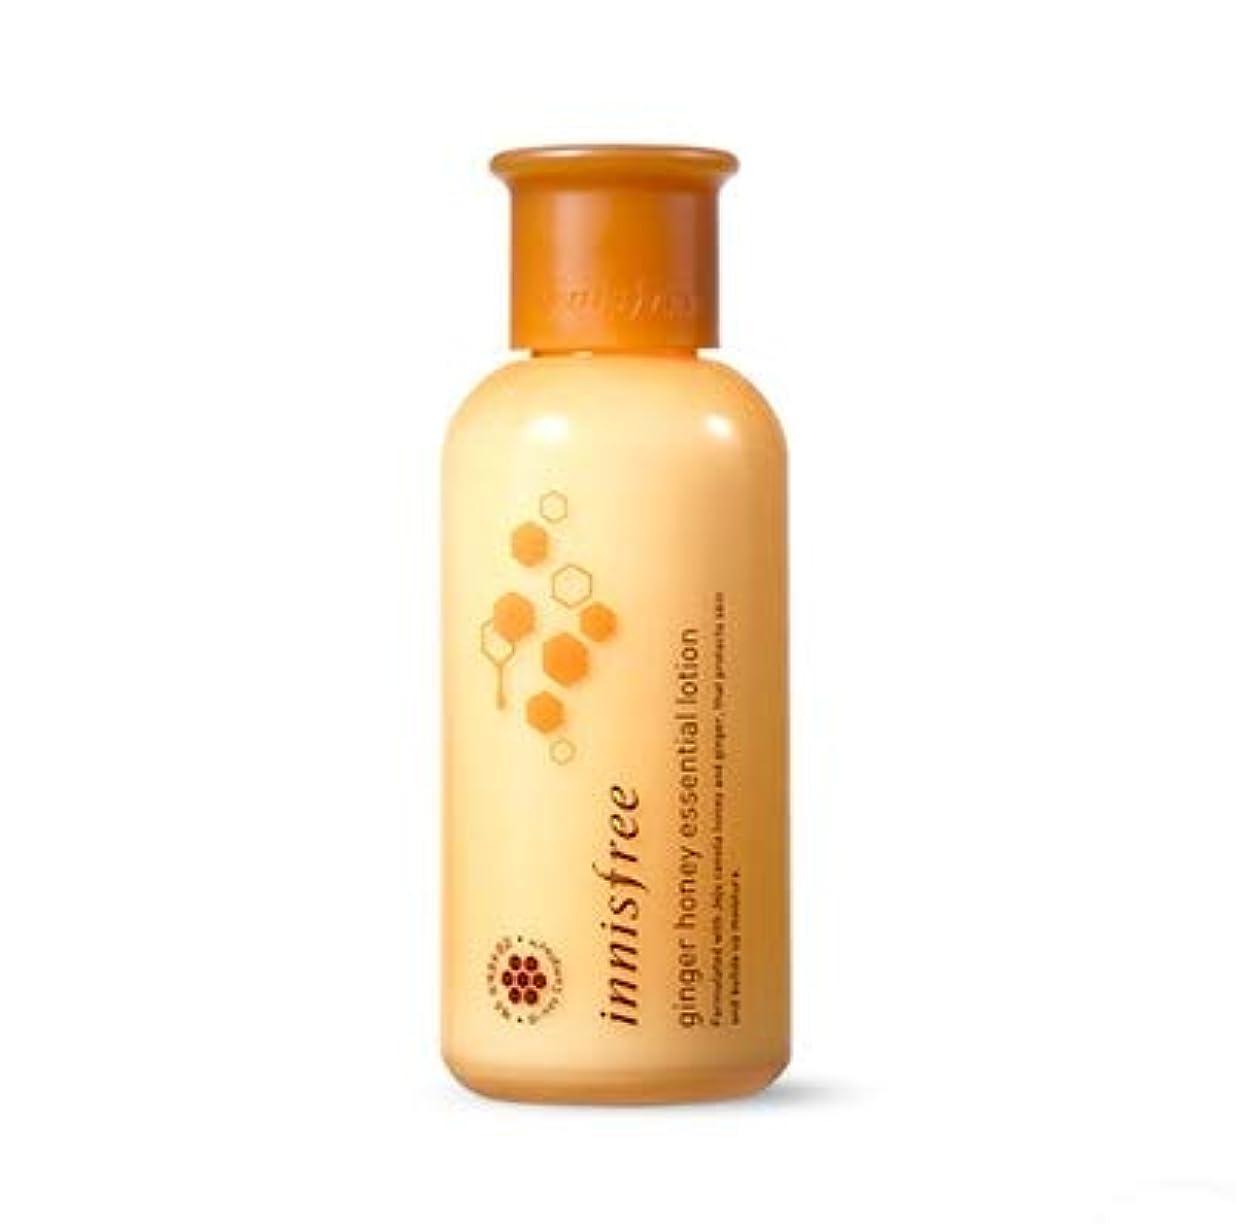 動的バング比類なきINNISFREE Ginger Honey Essential Lotion イニスフリー ジンジャー ハニー エッセンシャル ローション 160ml [並行輸入品]